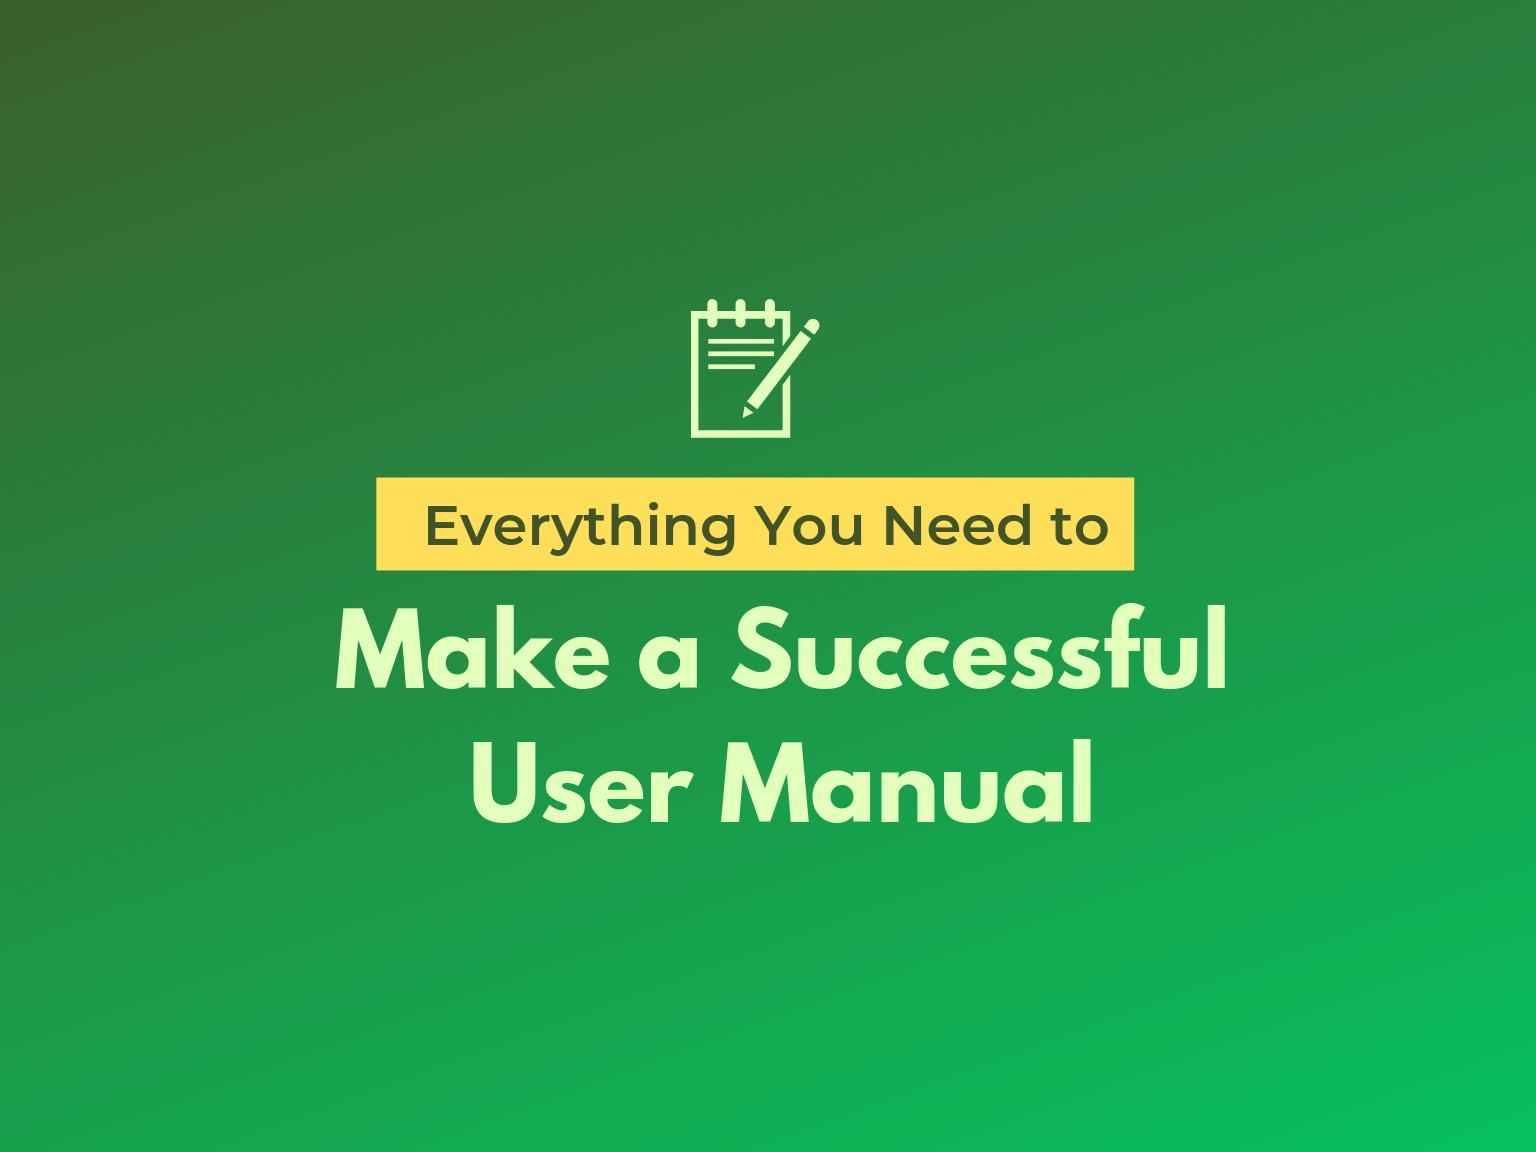 user manual hero image